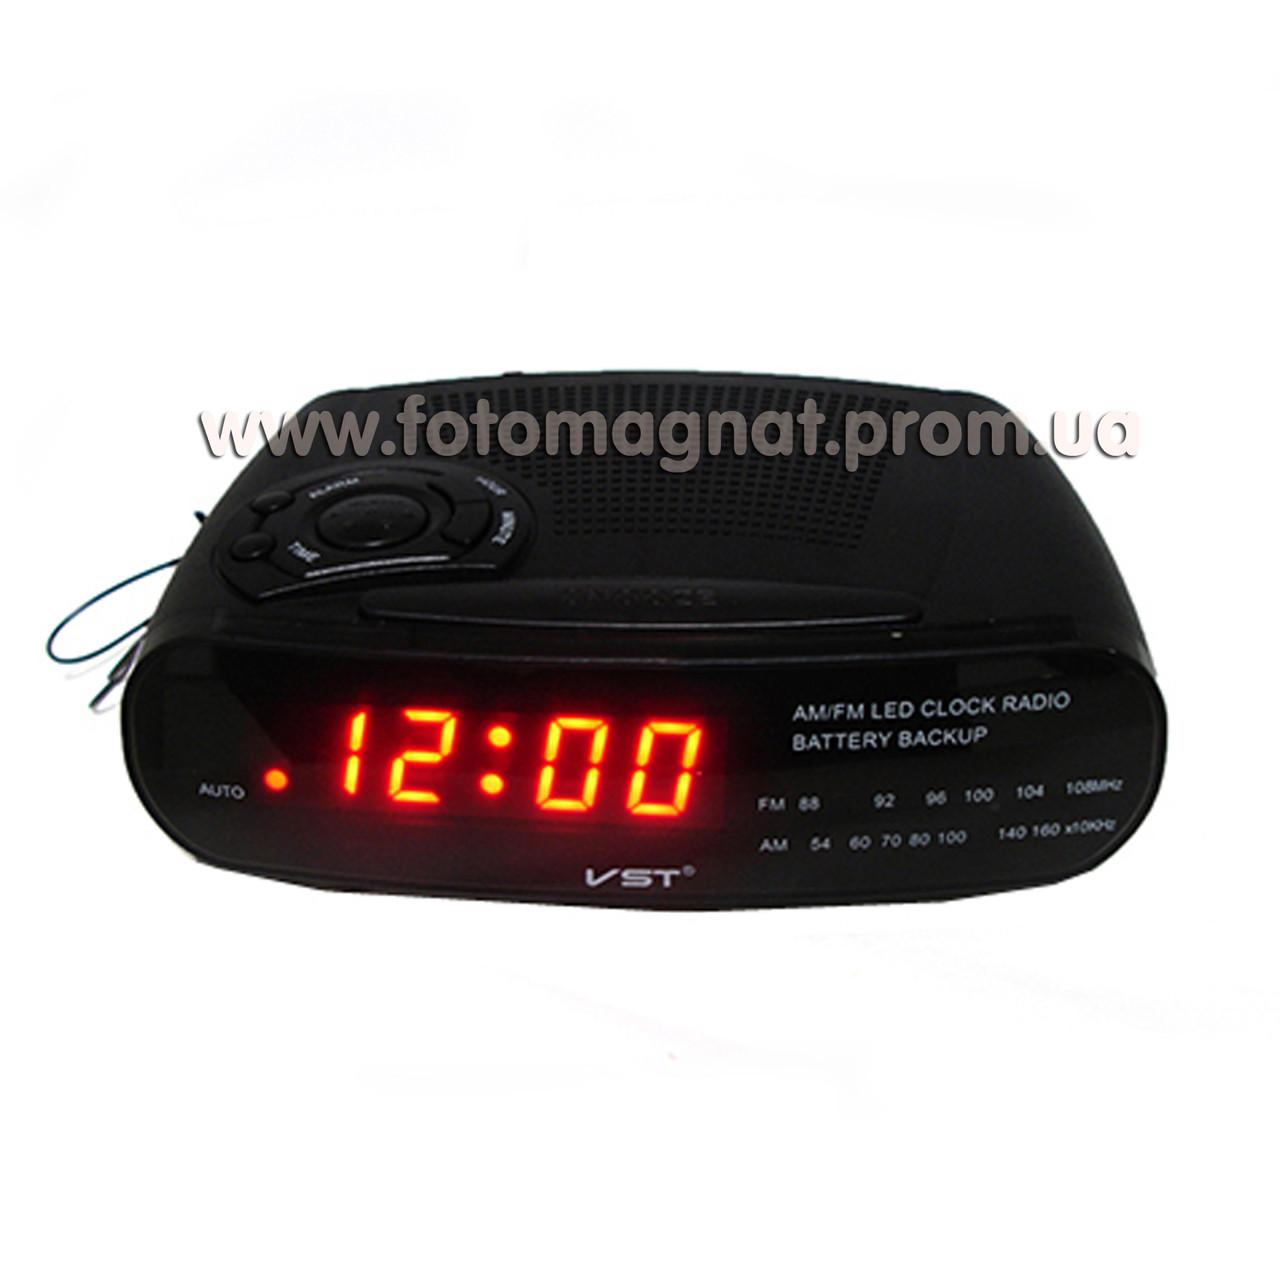 Часы сетевые VST 906-1 с  FM радио и Будильником, Красные